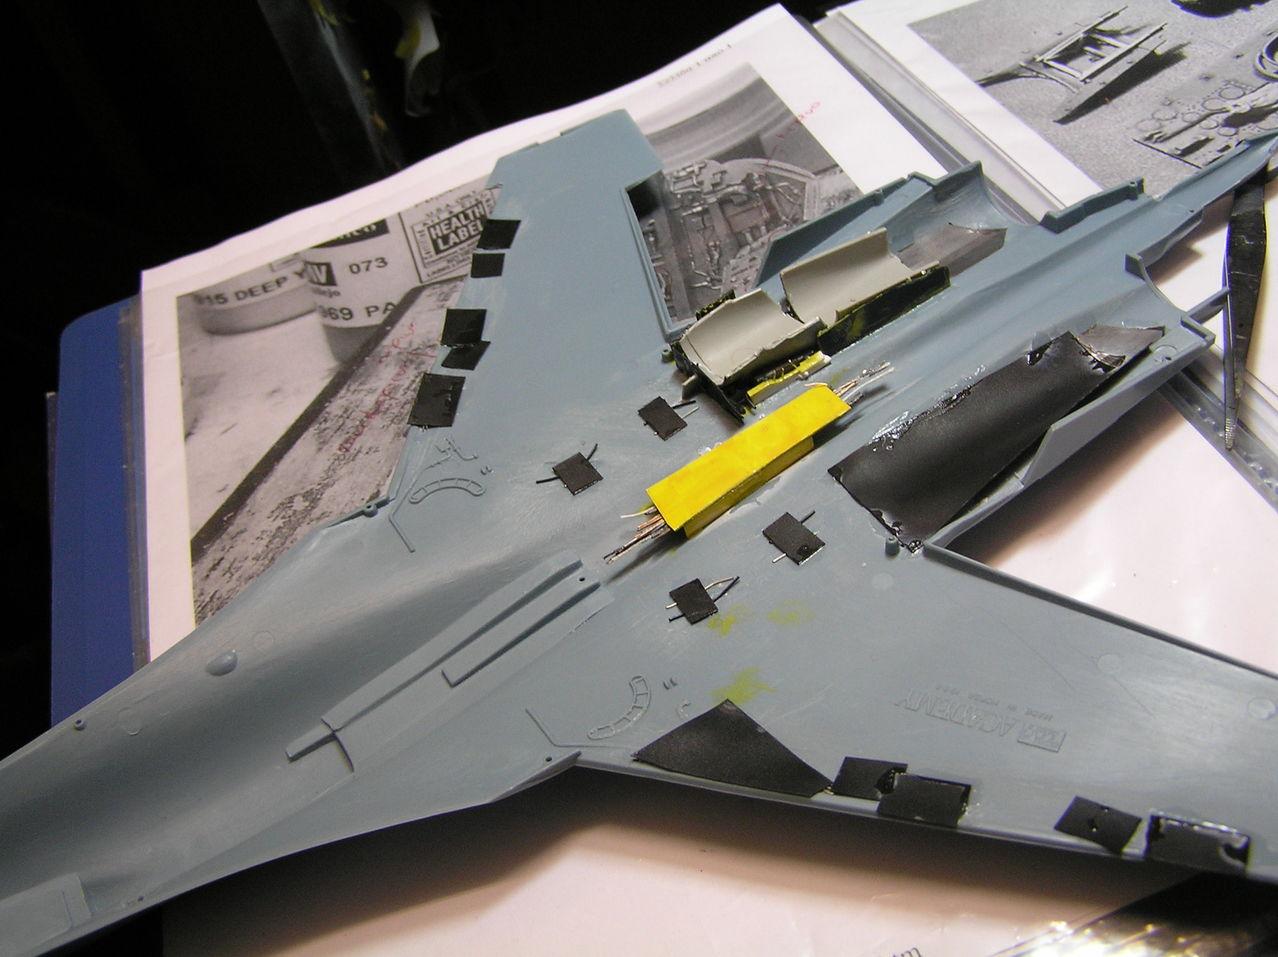 ...καπως ετσι αρχισαν ολα...Su-27  και τα μυαλα στα καγκελα... P1030138